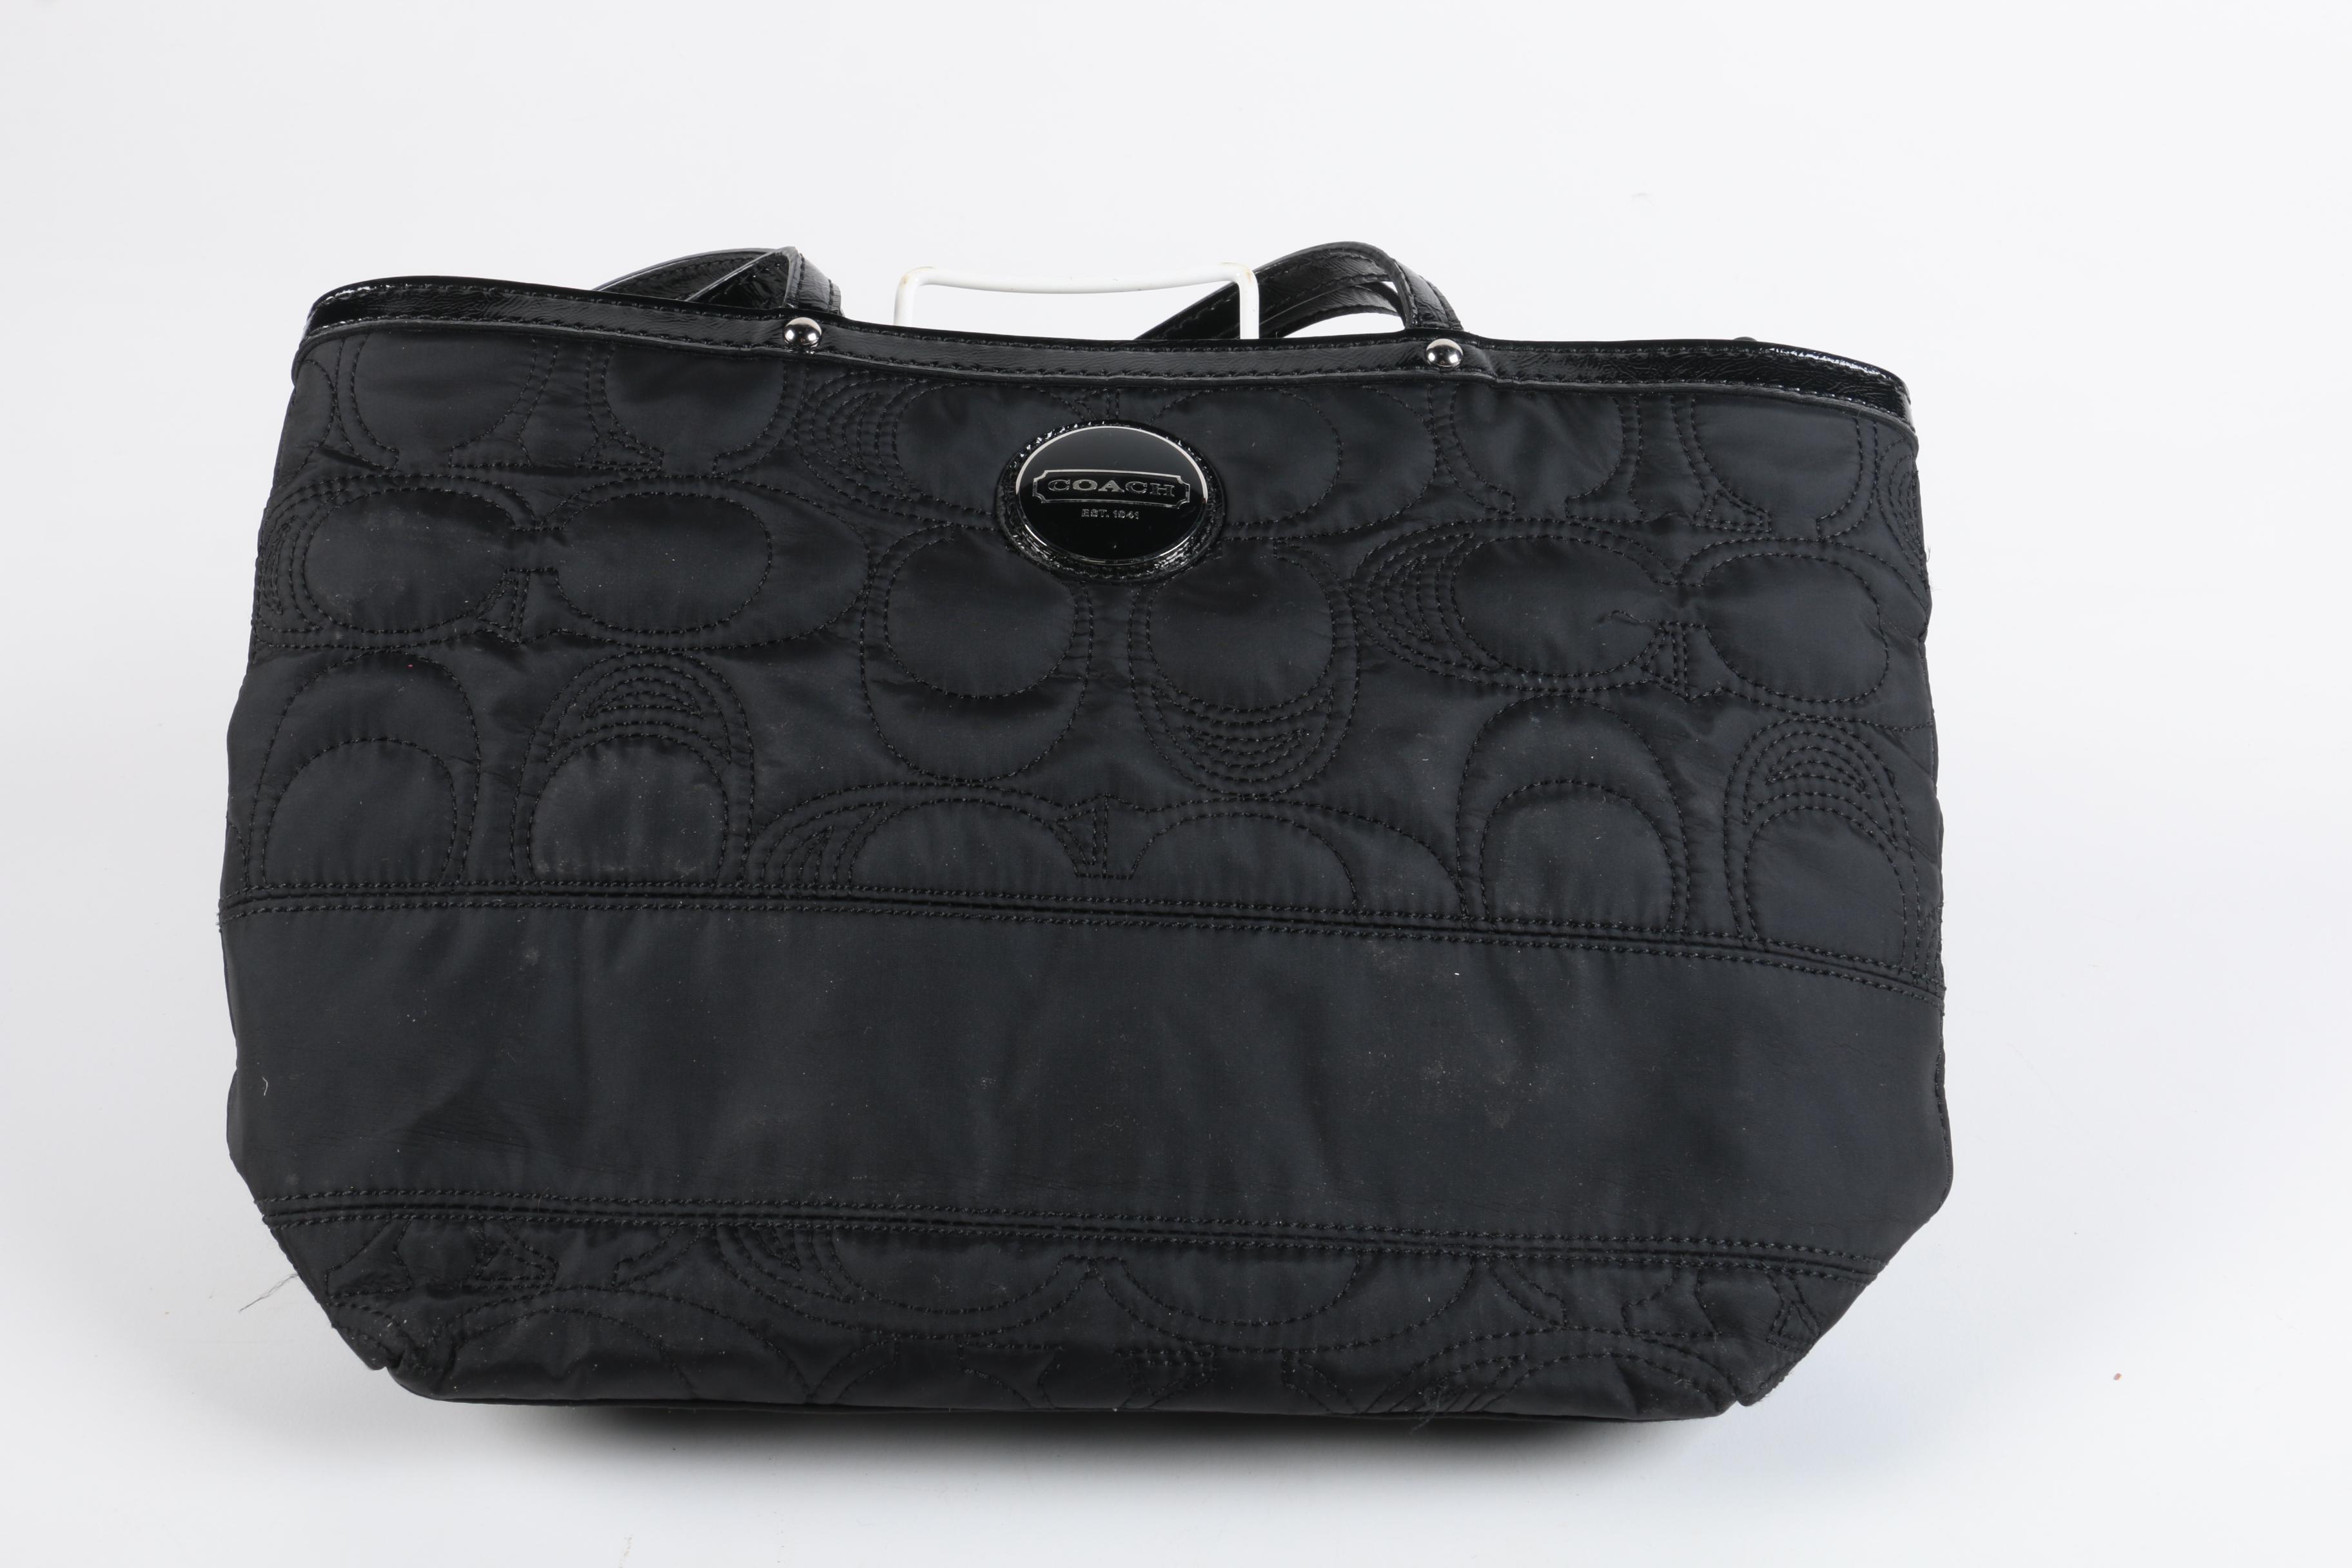 Coach Signature Stitch Nylon Tote Bag